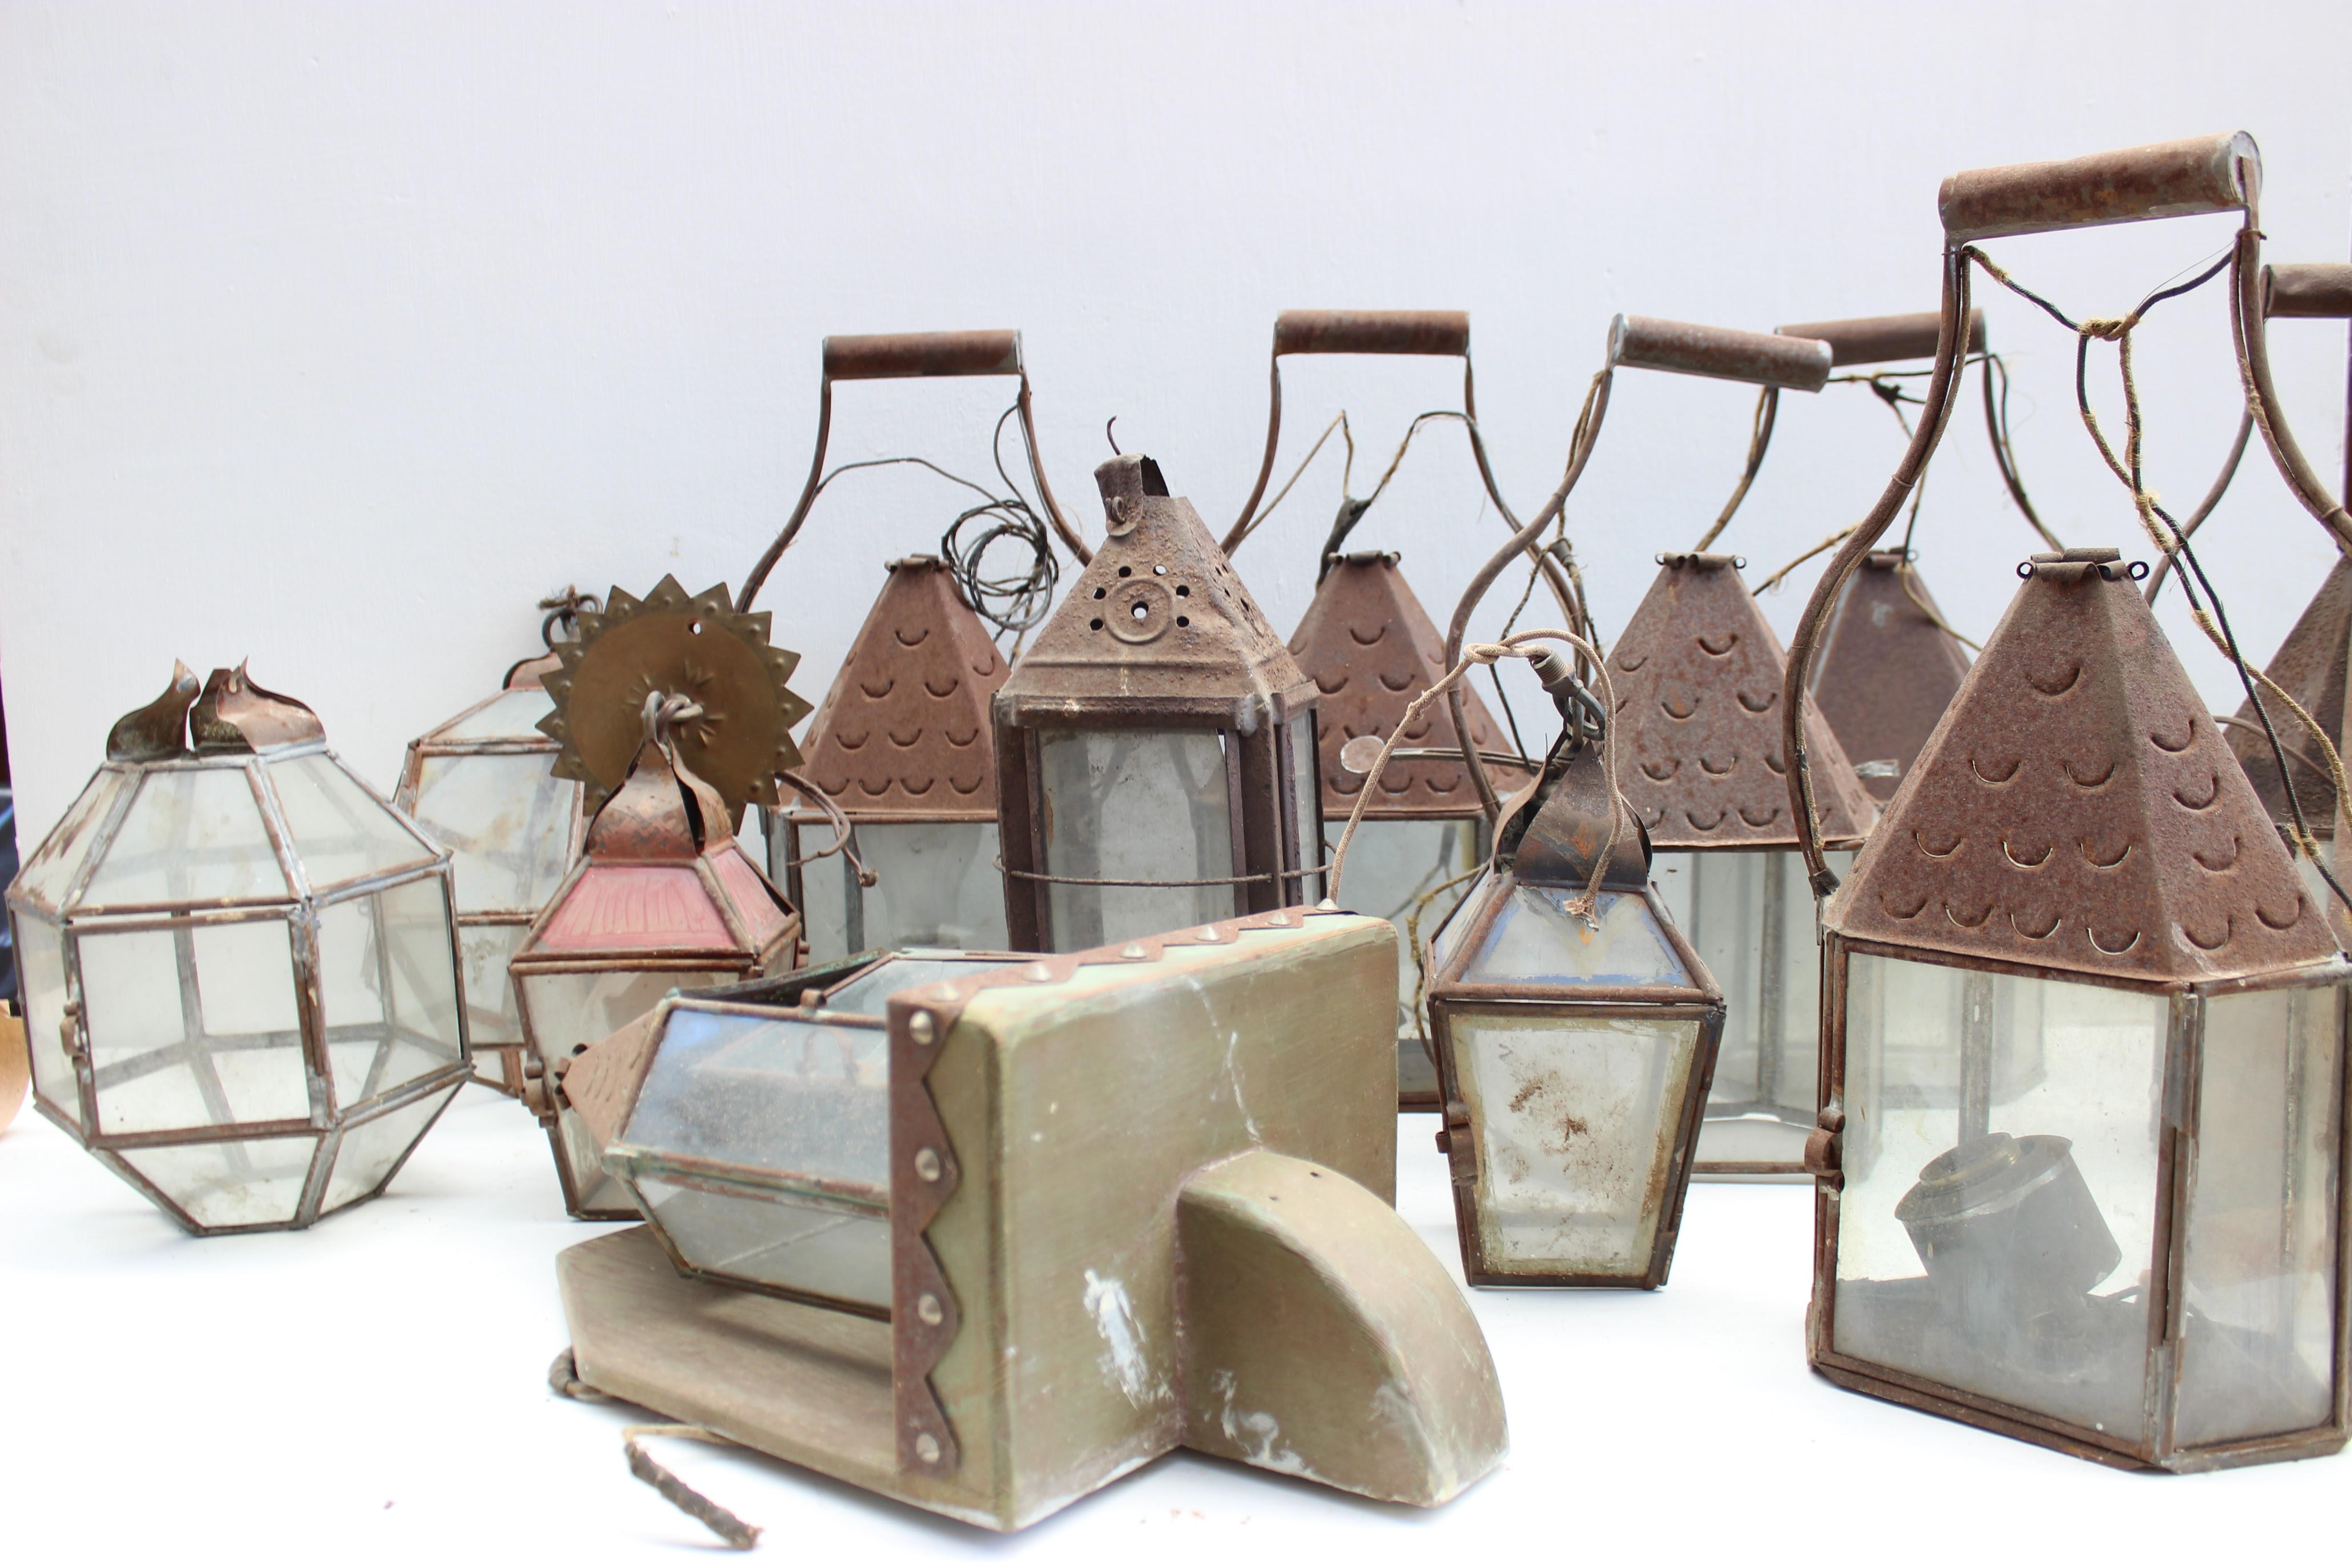 Collection of pedro de lemos handmade light fixtures 26 56 2310 collection of pedro de lemos handmade light fixtures arubaitofo Image collections